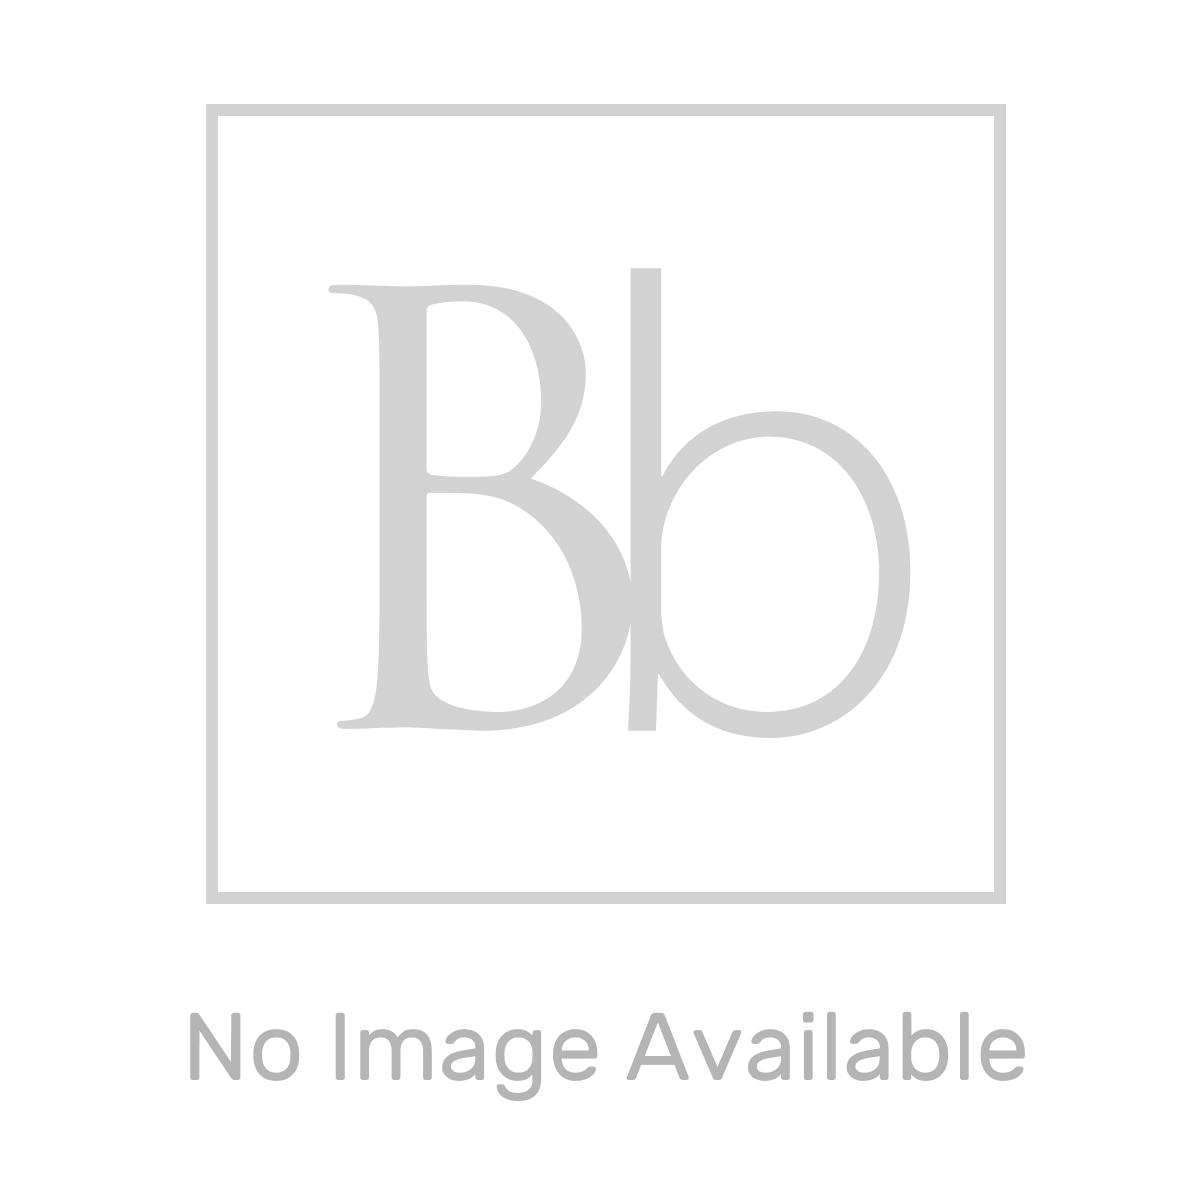 Cistermiser Accessible No Touch Mains Urinal Flush Valve